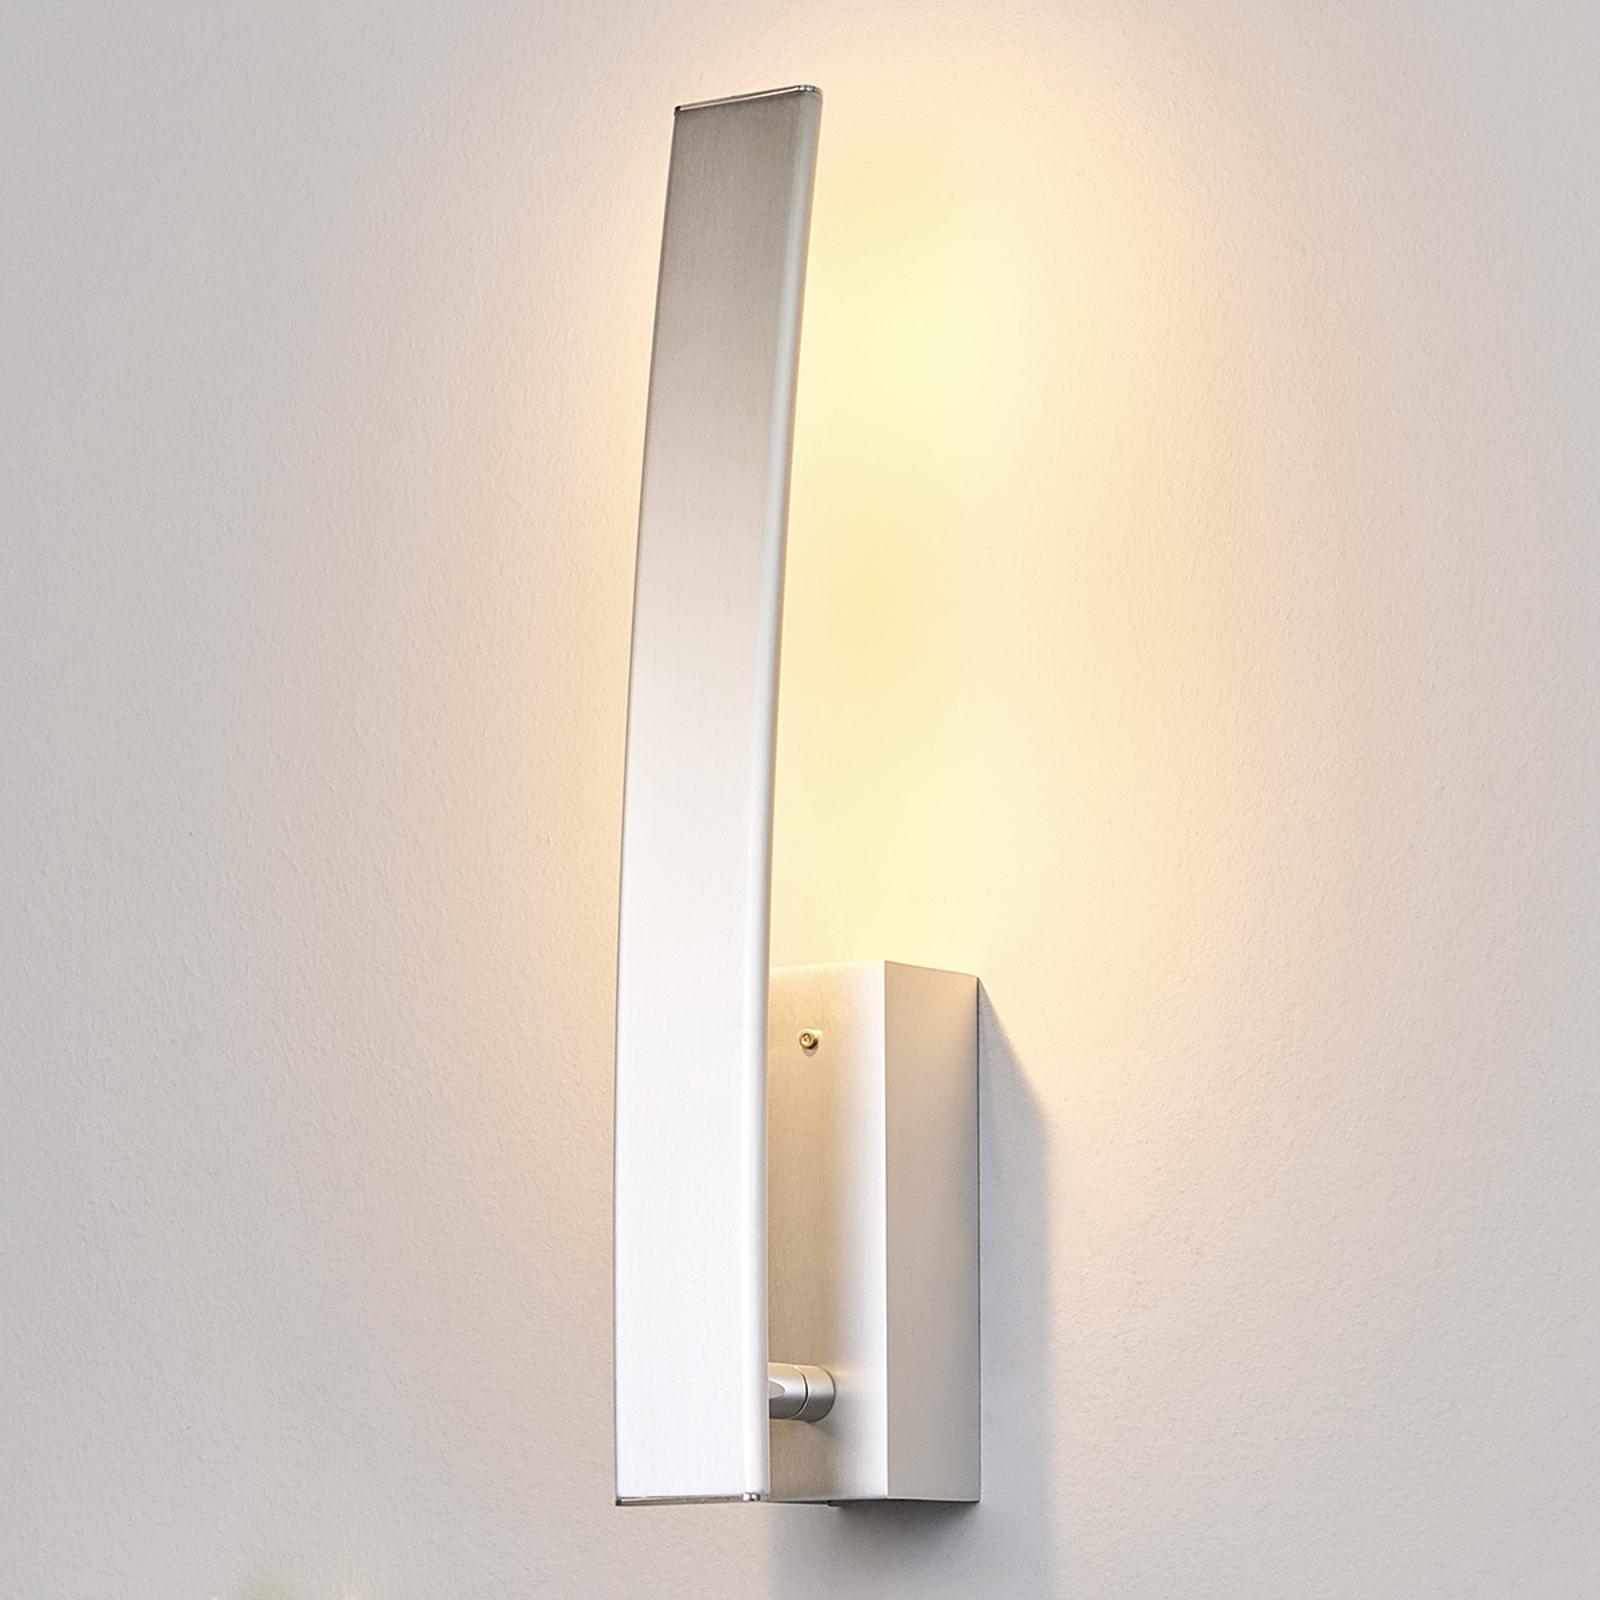 Korkealaatuinen LED-seinävalaisin Xalu kytkimellä